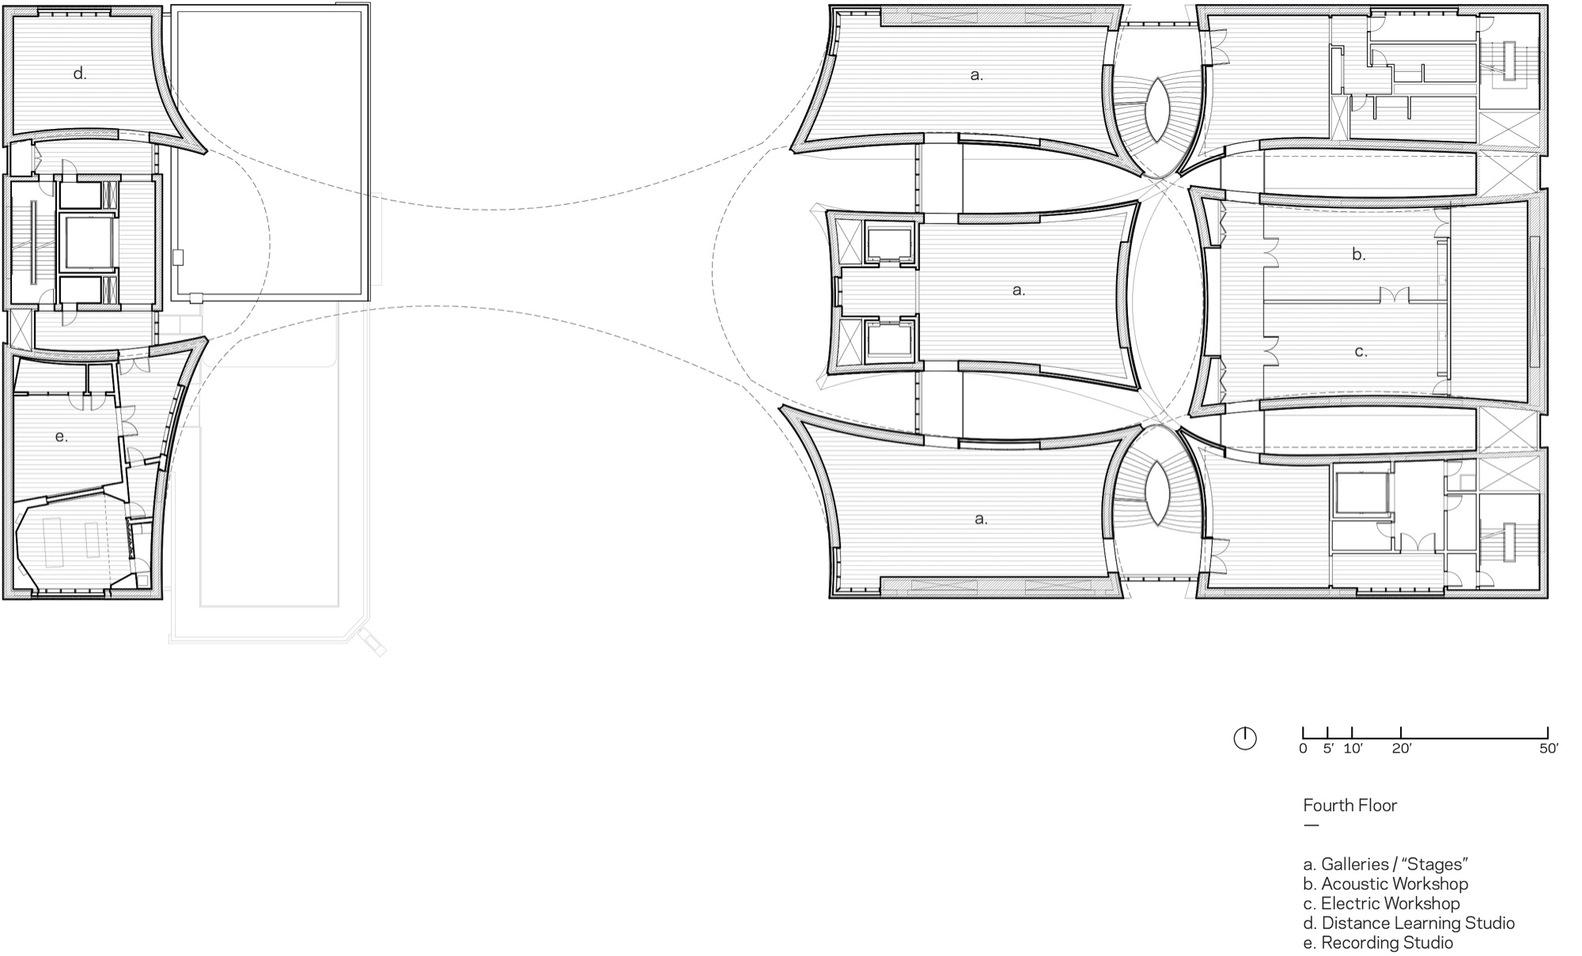 NMC_pres_floor plans_4_161017